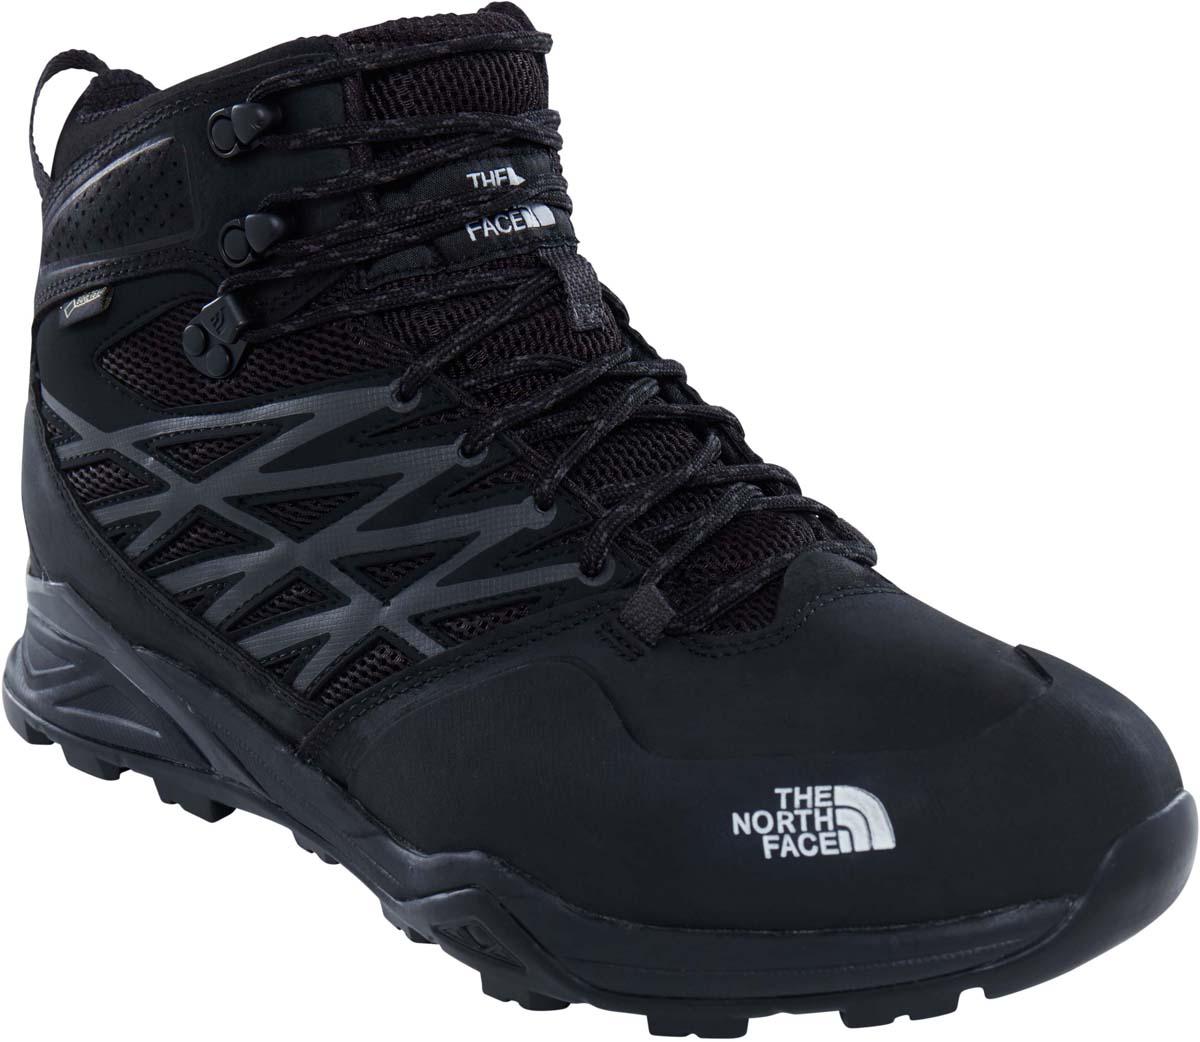 Ботинки мужские The North Face M Hh Hike Mid Gtx , цвет: черный. T0CDF5KX7. Размер 11 (44,5)T0CDF5KX7Легкие ботинки средней высоты с водонепроницаемой и дышащей мембраной GORE-TEX®, жесткой основой из ТПУ и верха из слоистой кожи - обеспечат защиту и поддержку стопы на пересеченной местности. Оборудованы эксклюзивной подошвой Vibram®, которая гарантирует сцепление с поверхностью при путешествии в любых условиях.